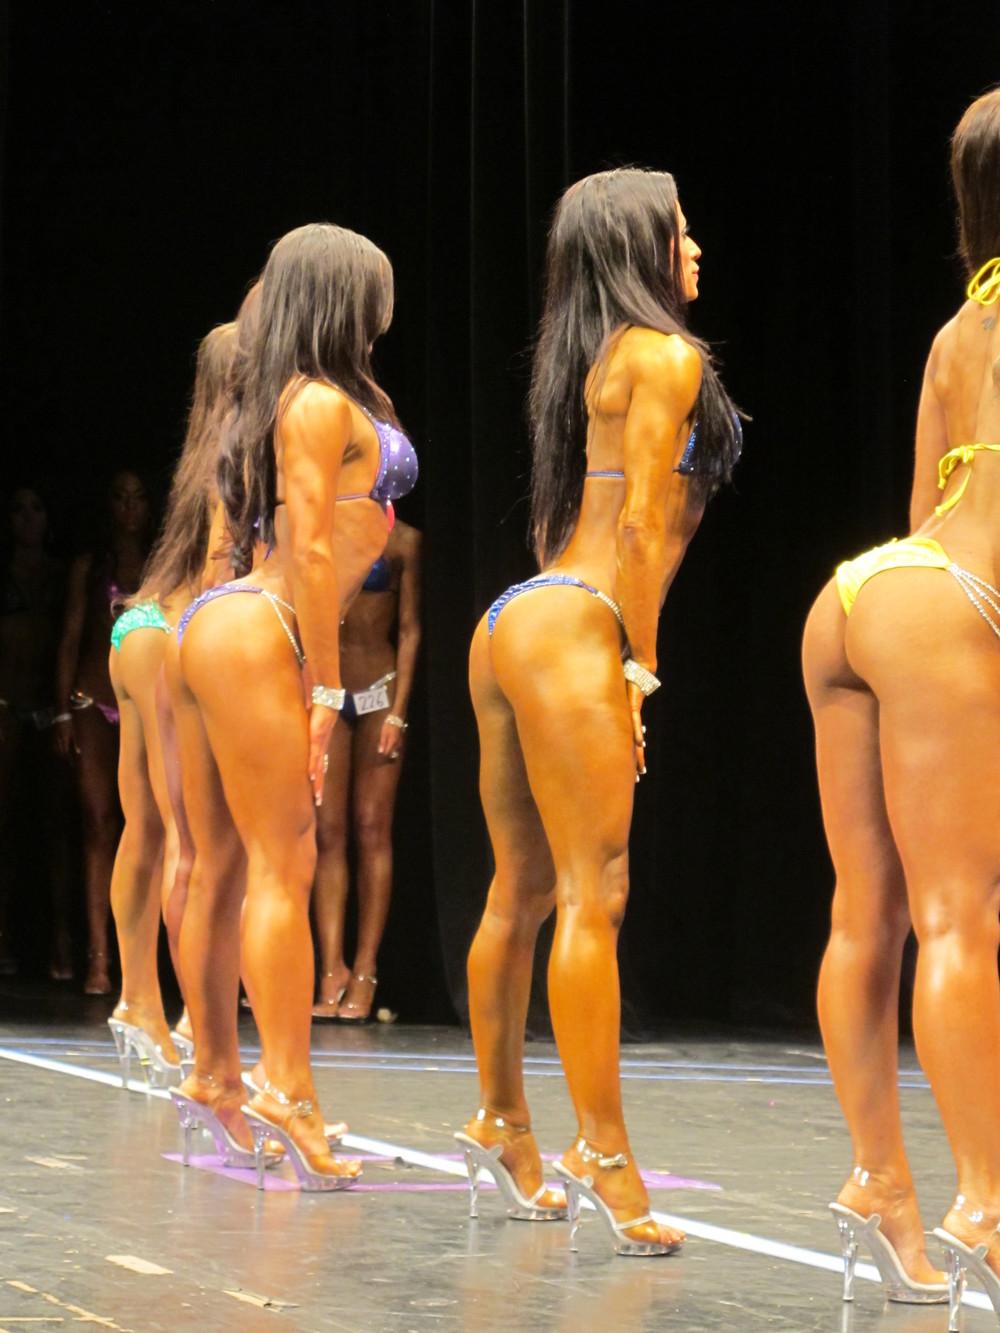 bodybuilding 042.jpg